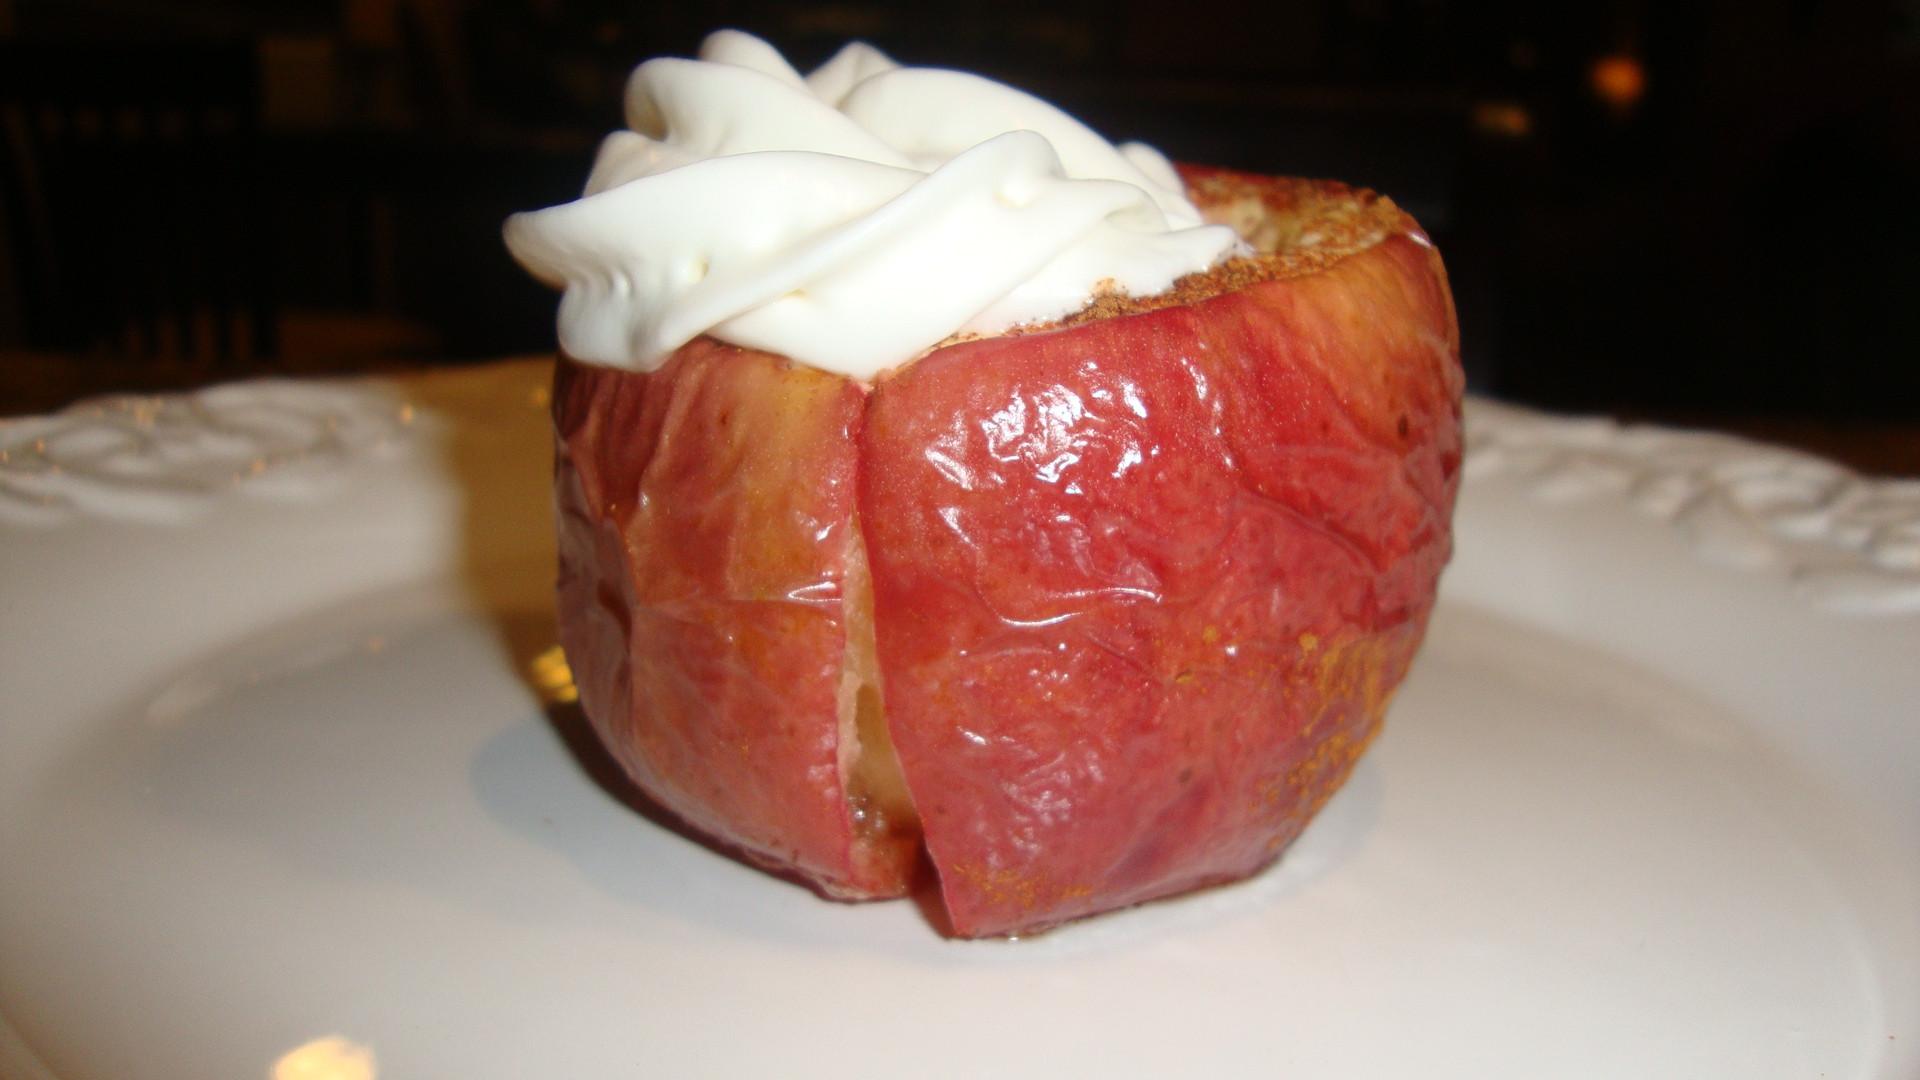 Healthy Baked Apple Dessert  Baked Apple Dessert